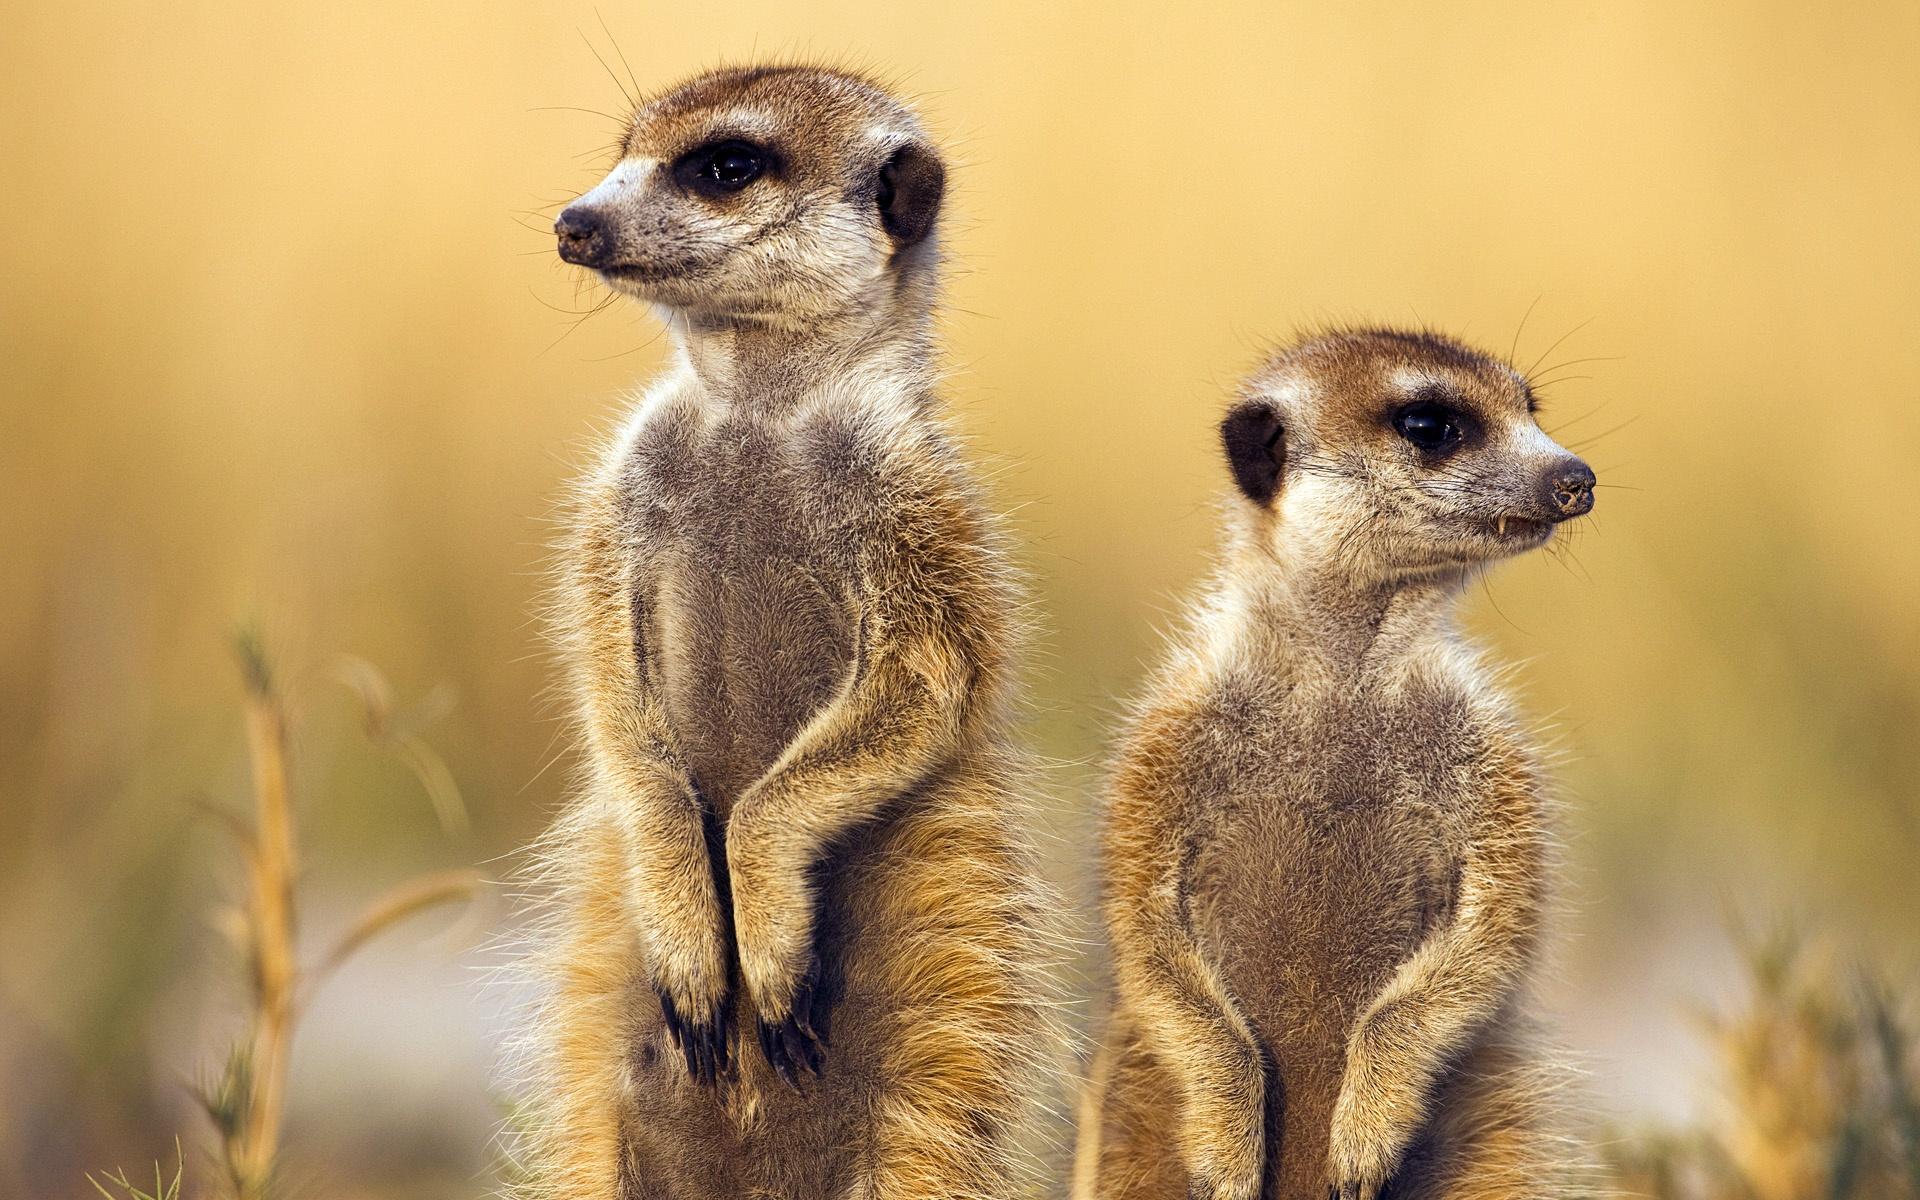 微软官方win8主题《非洲野生动物》